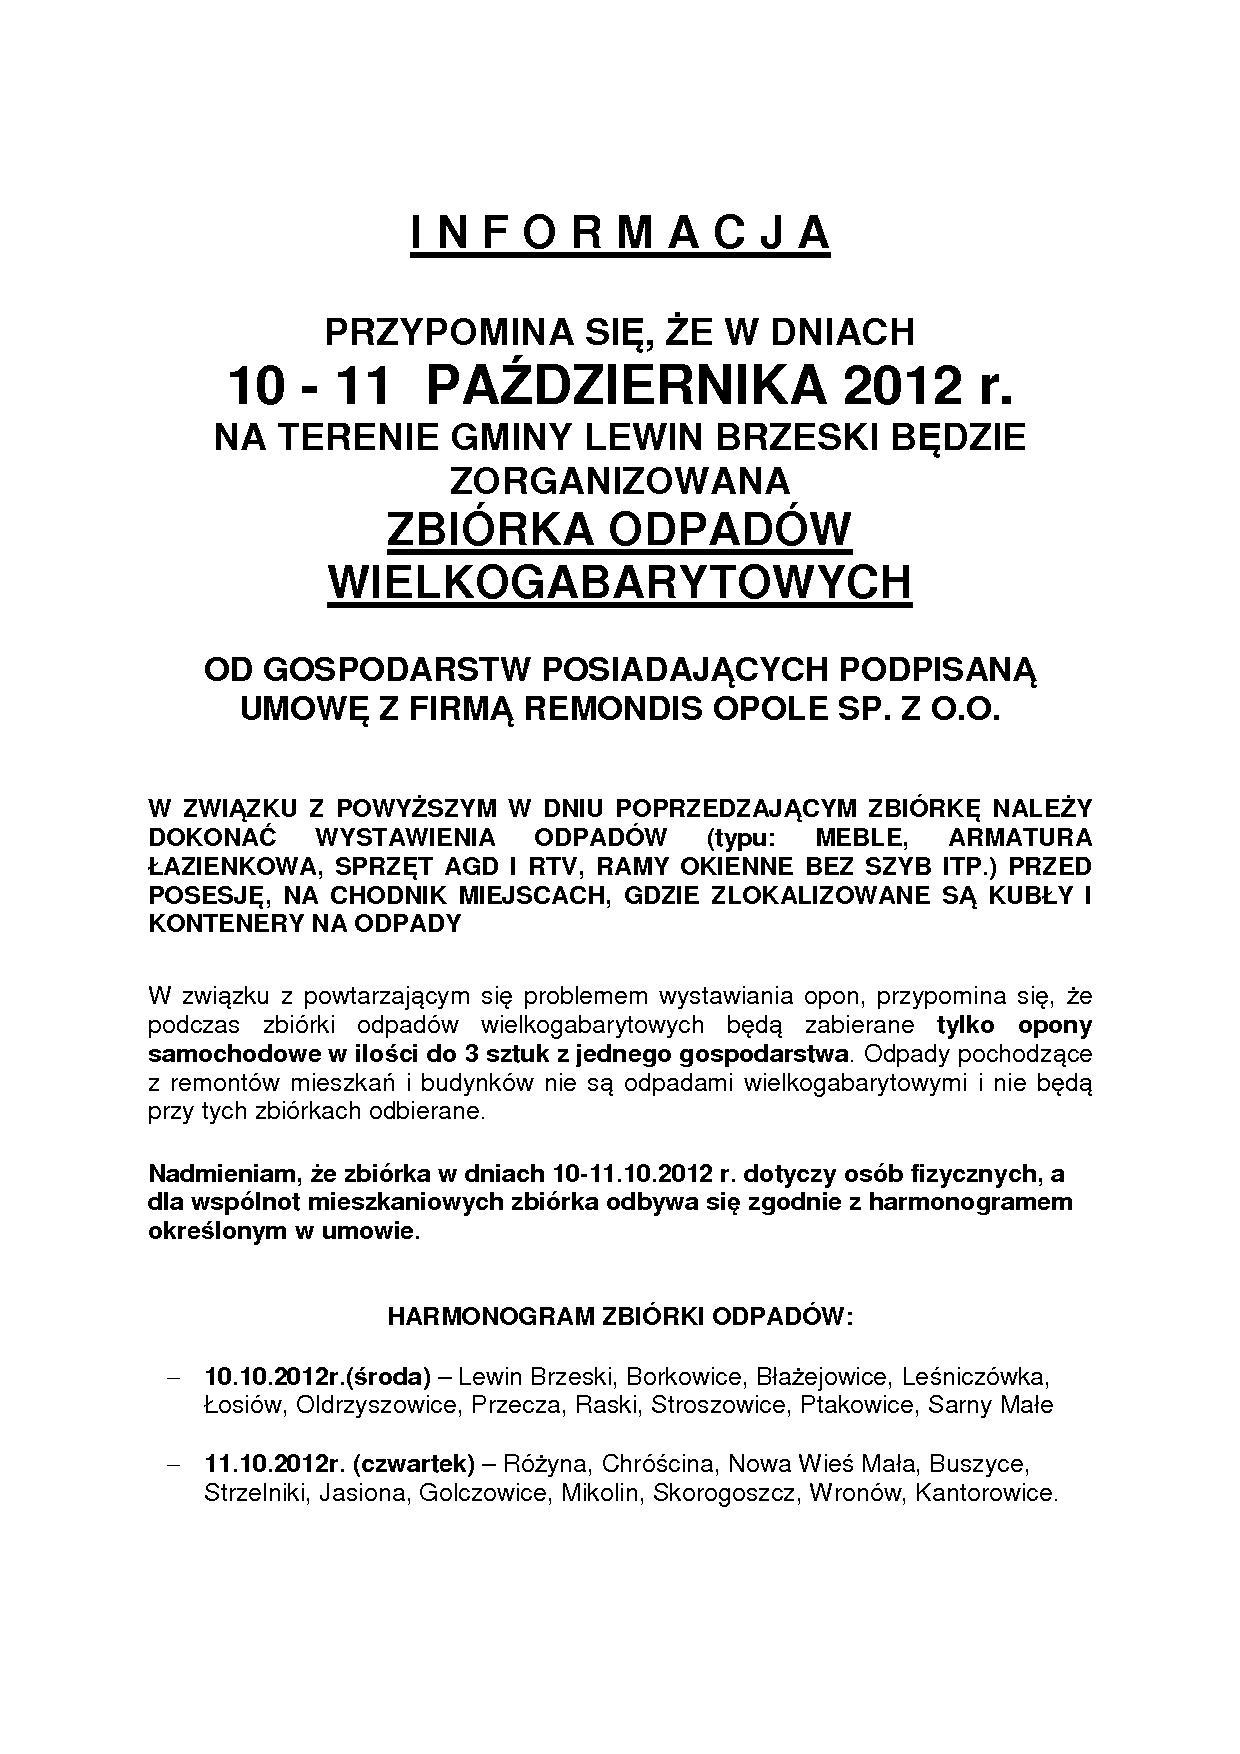 INFORMACJA o zbiórce wielkogabarytów PAŹDZIERNIK 2012